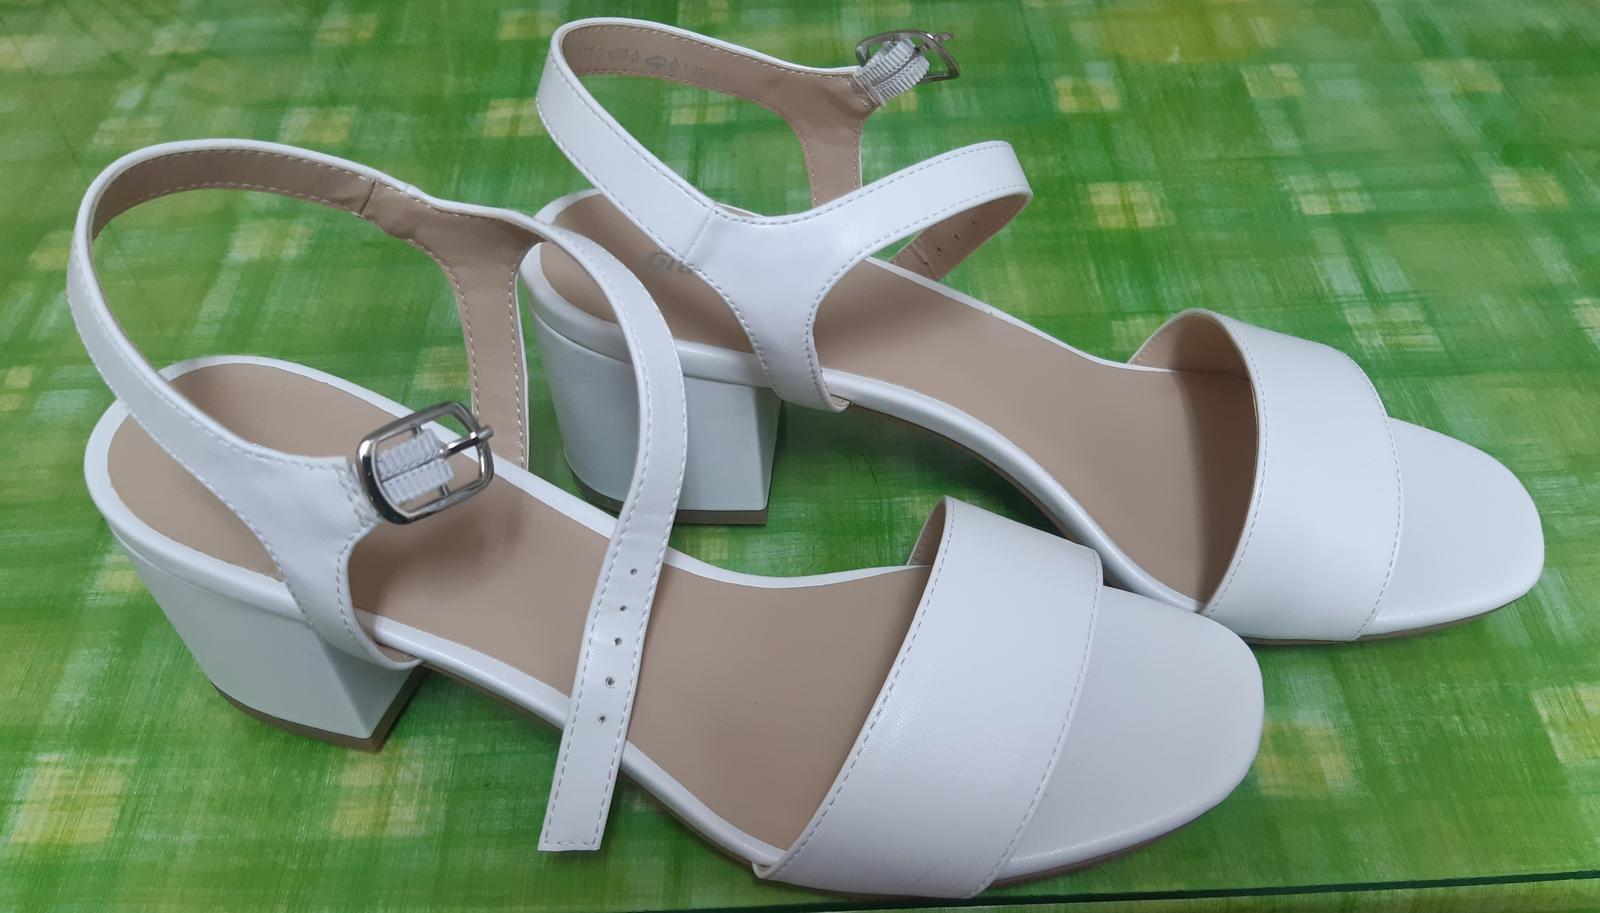 Biele sandále - Obrázok č. 1